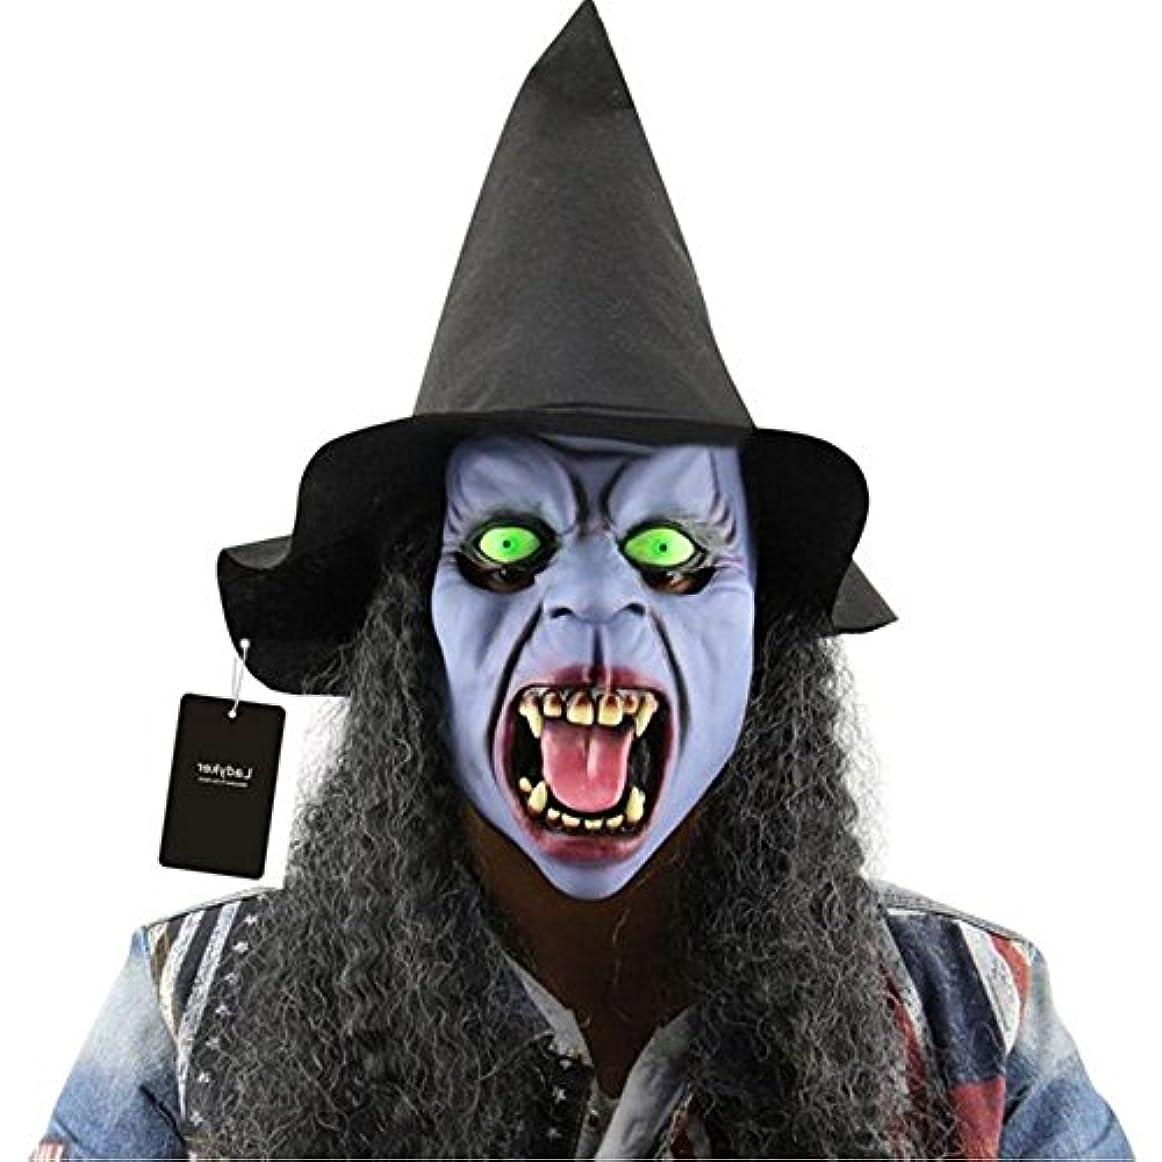 翻訳する寺院地平線Auntwhale ハロウィーンマスク大人恐怖コスチューム、ホラー夜の魔女ファンシーマスカレードパーティハロウィンマスク、フェスティバル通気性ギフトヘッドマスク